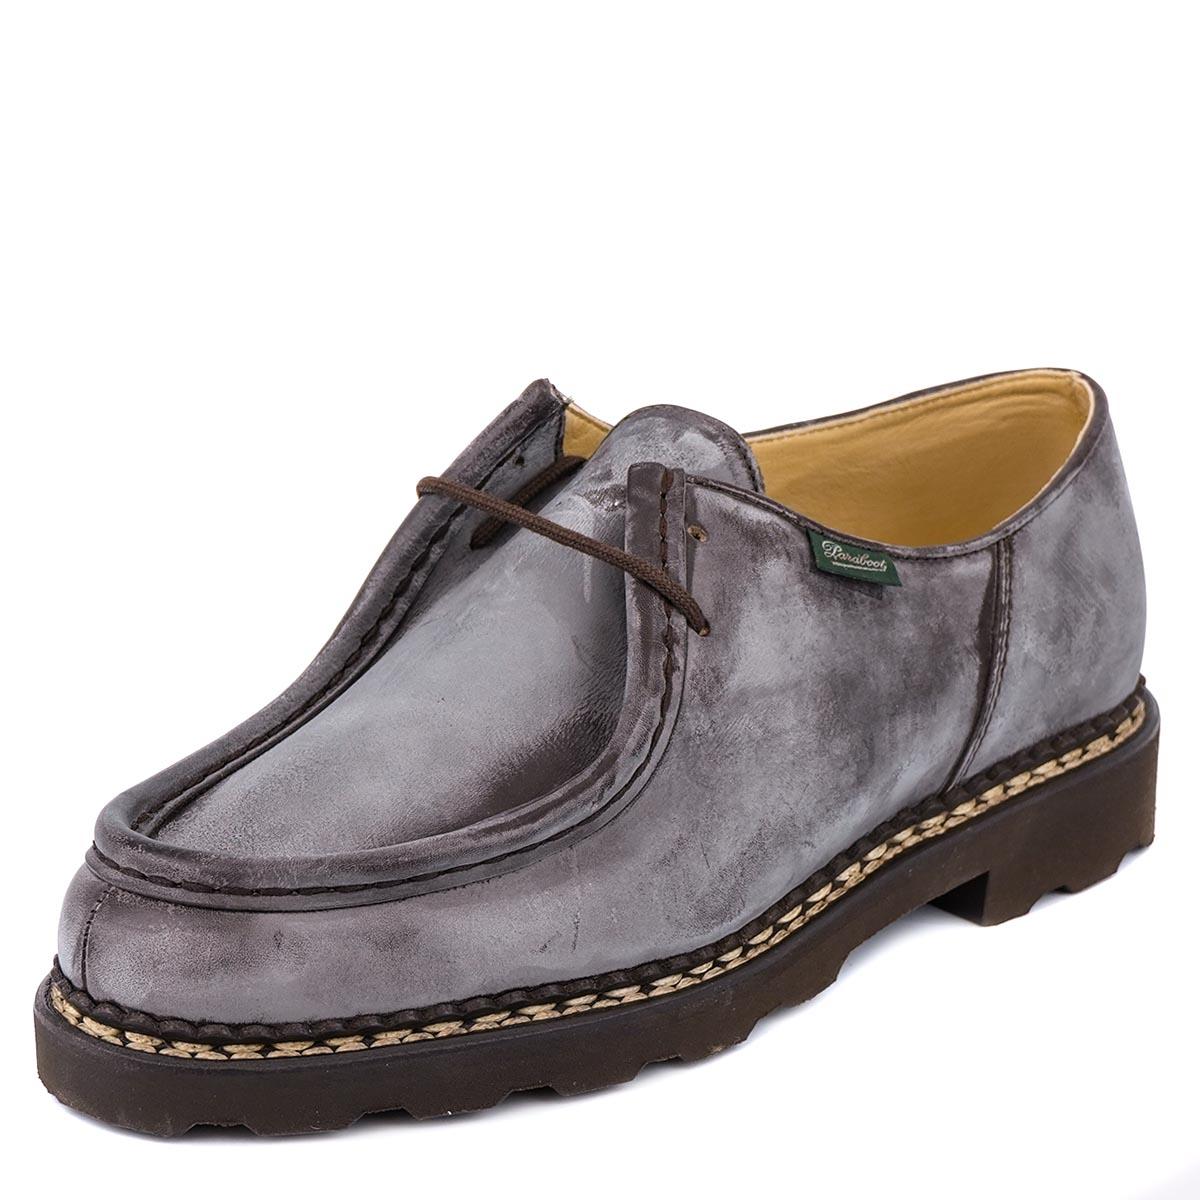 PARABOOT パラブーツ 革靴 MICHAEL 715612 メンズ 男性 ローファー シューズ Caf? カフェ 40-43.5 【送料無料 並行輸入品】